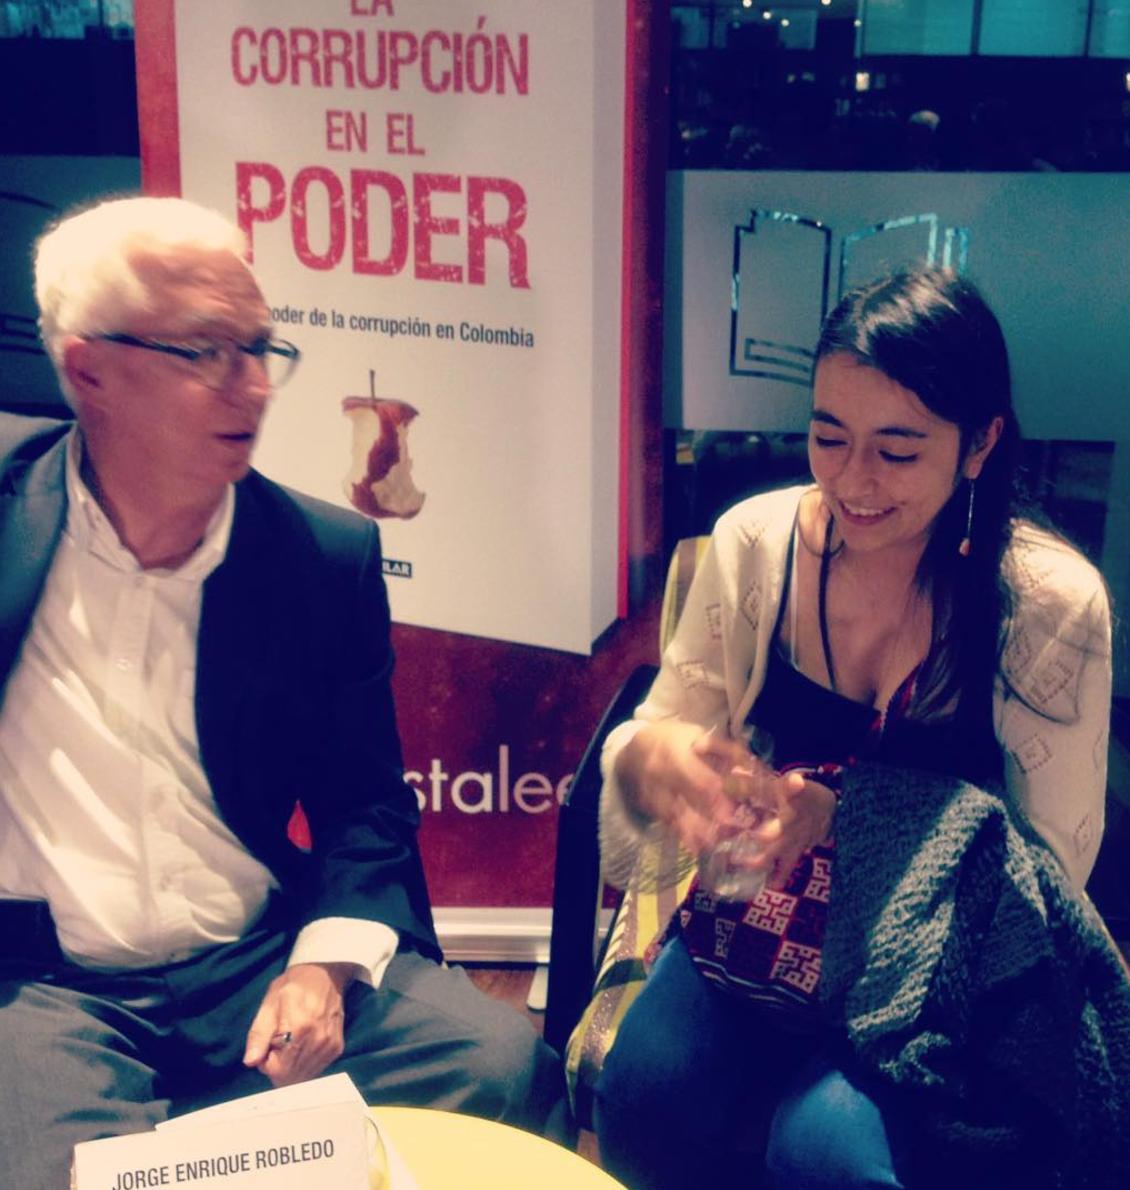 """Lanzamiento del libro """"Corrupción en el poder"""". De Jorge Enrique Robledo."""